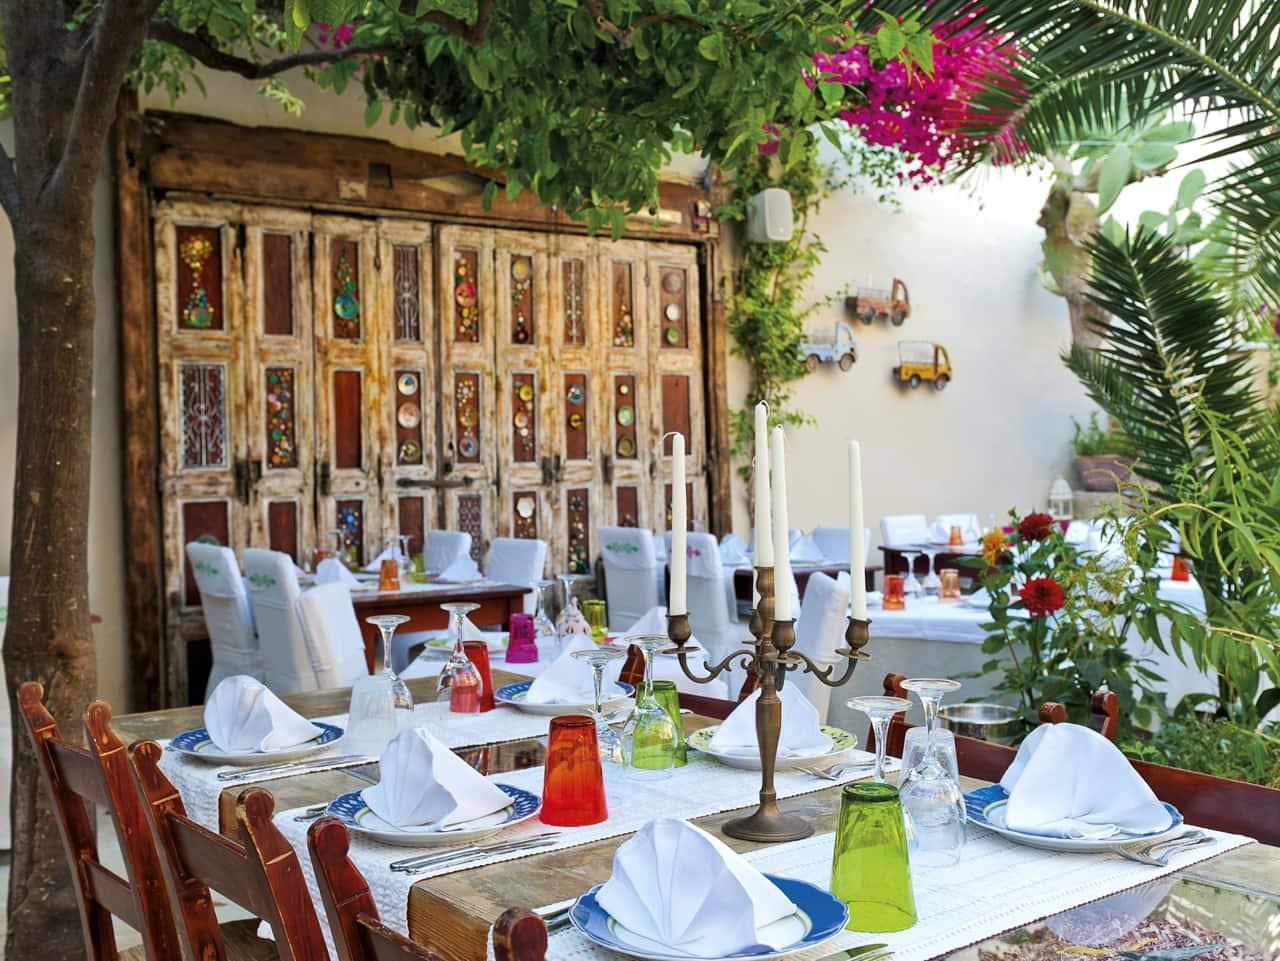 avli restaurant rethimno, avli restaurant rethymno crete, rethimno where to eat, gastronomy rethimno crete, best restaurant rethymno town